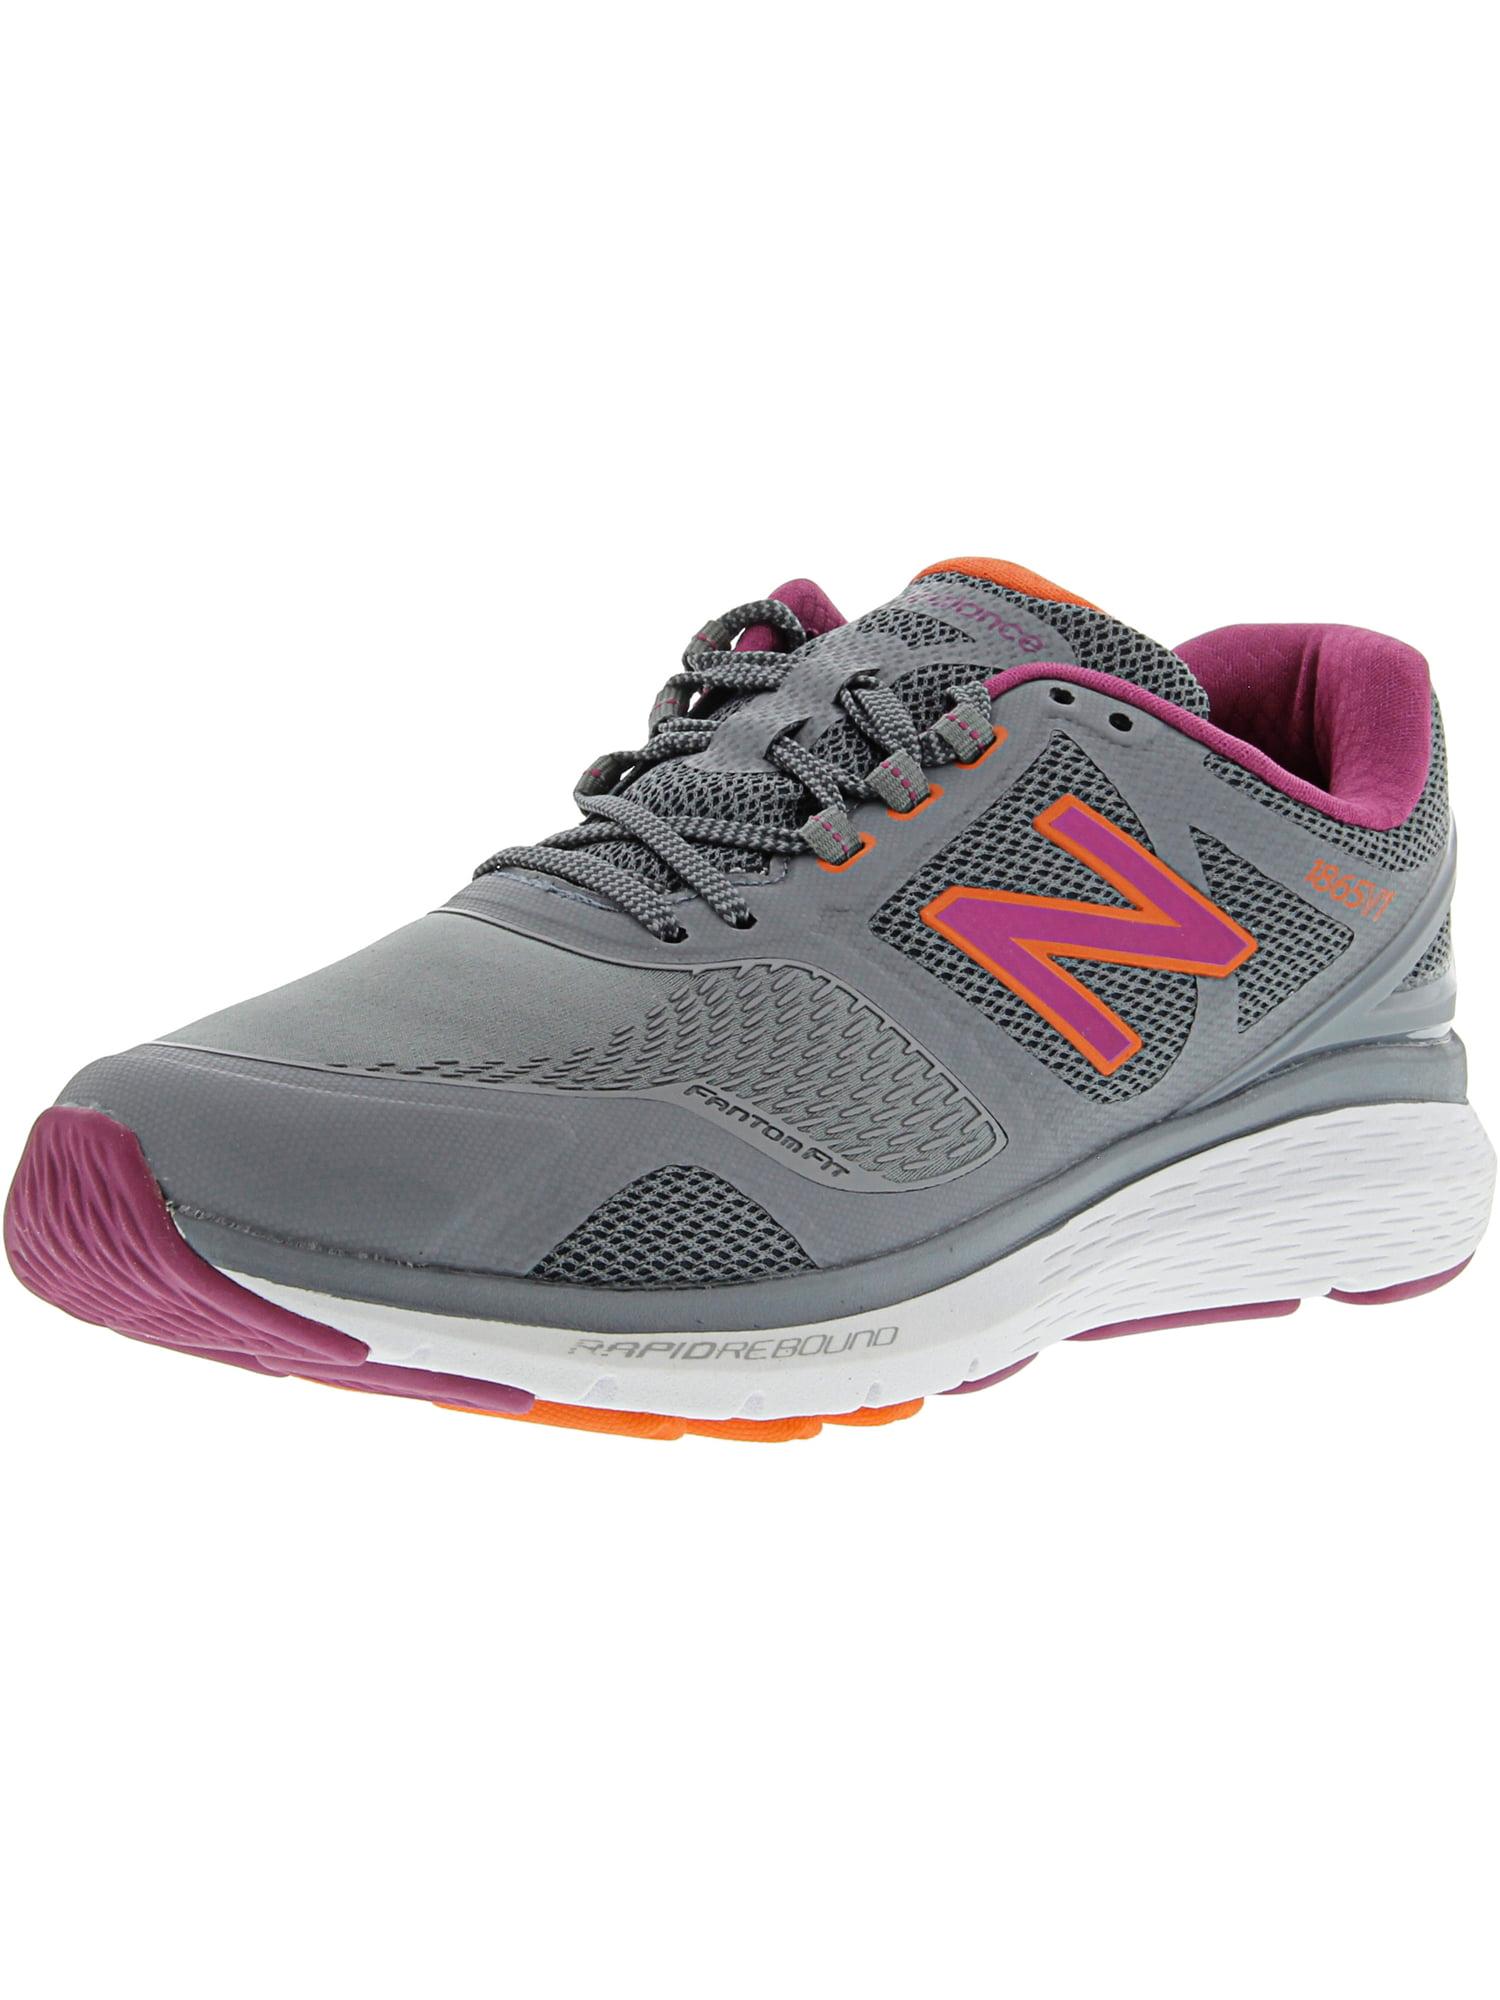 Walking Shoe - 8.5WW